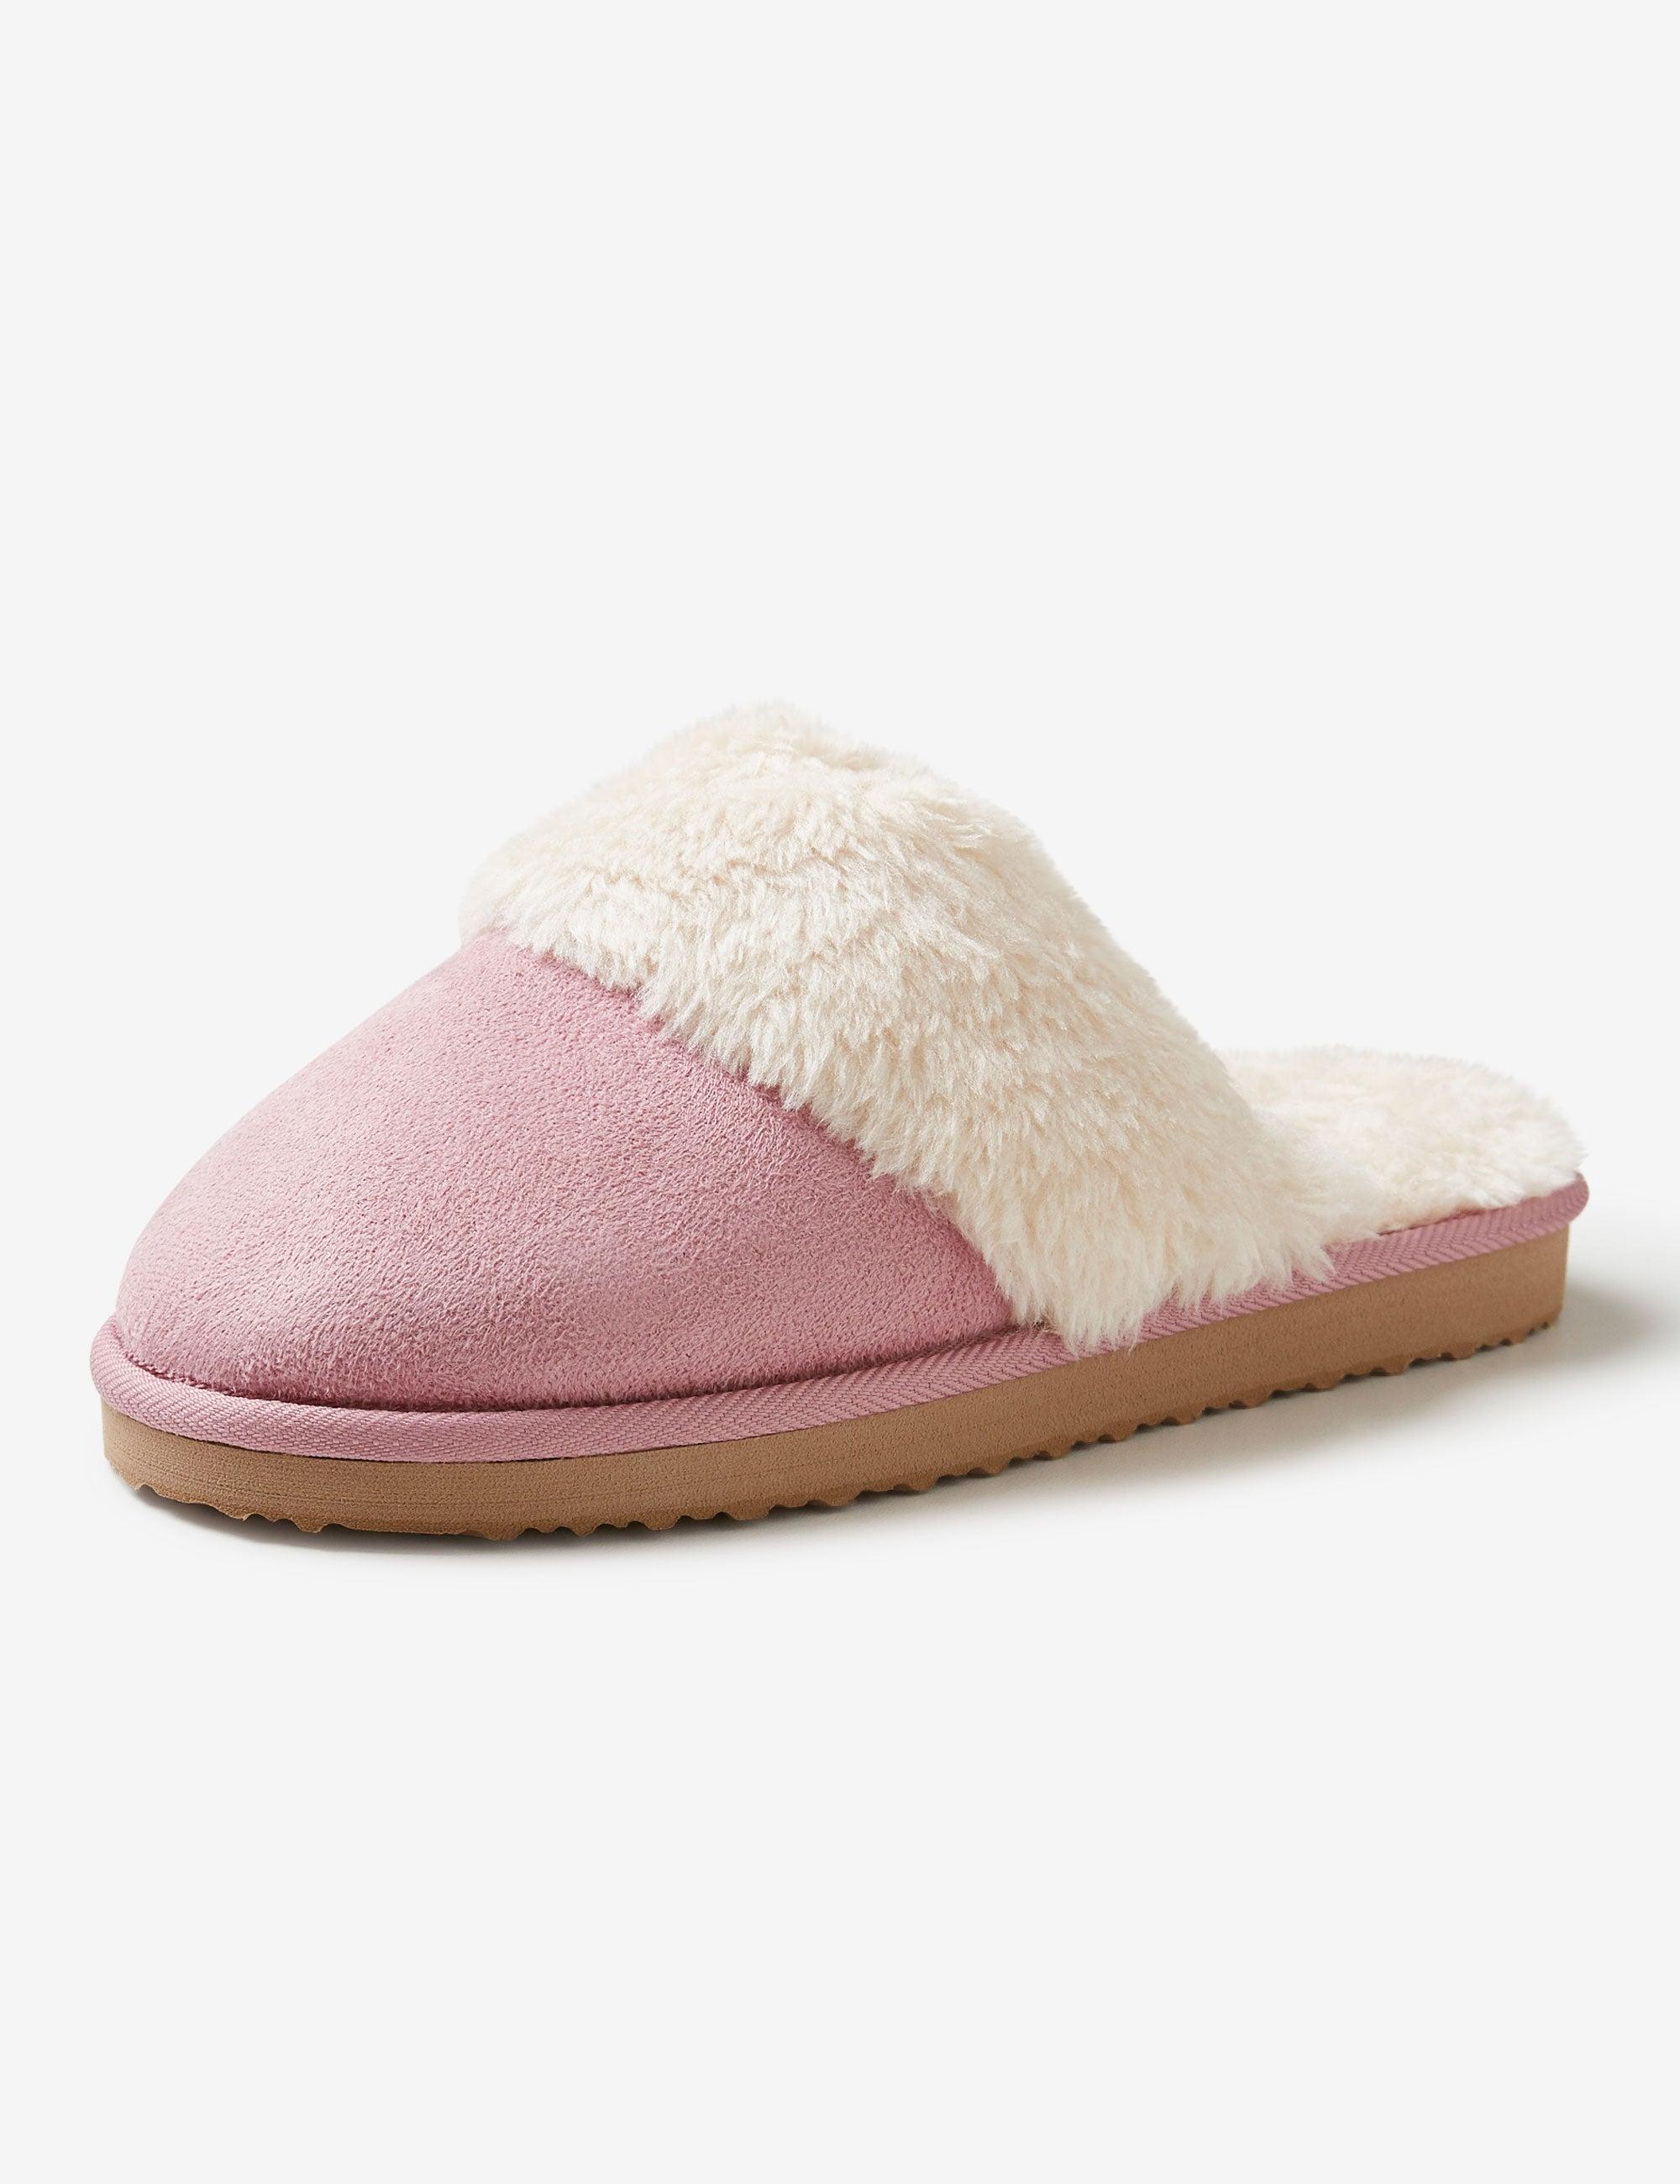 Women's Footwear Clearance   Rivers